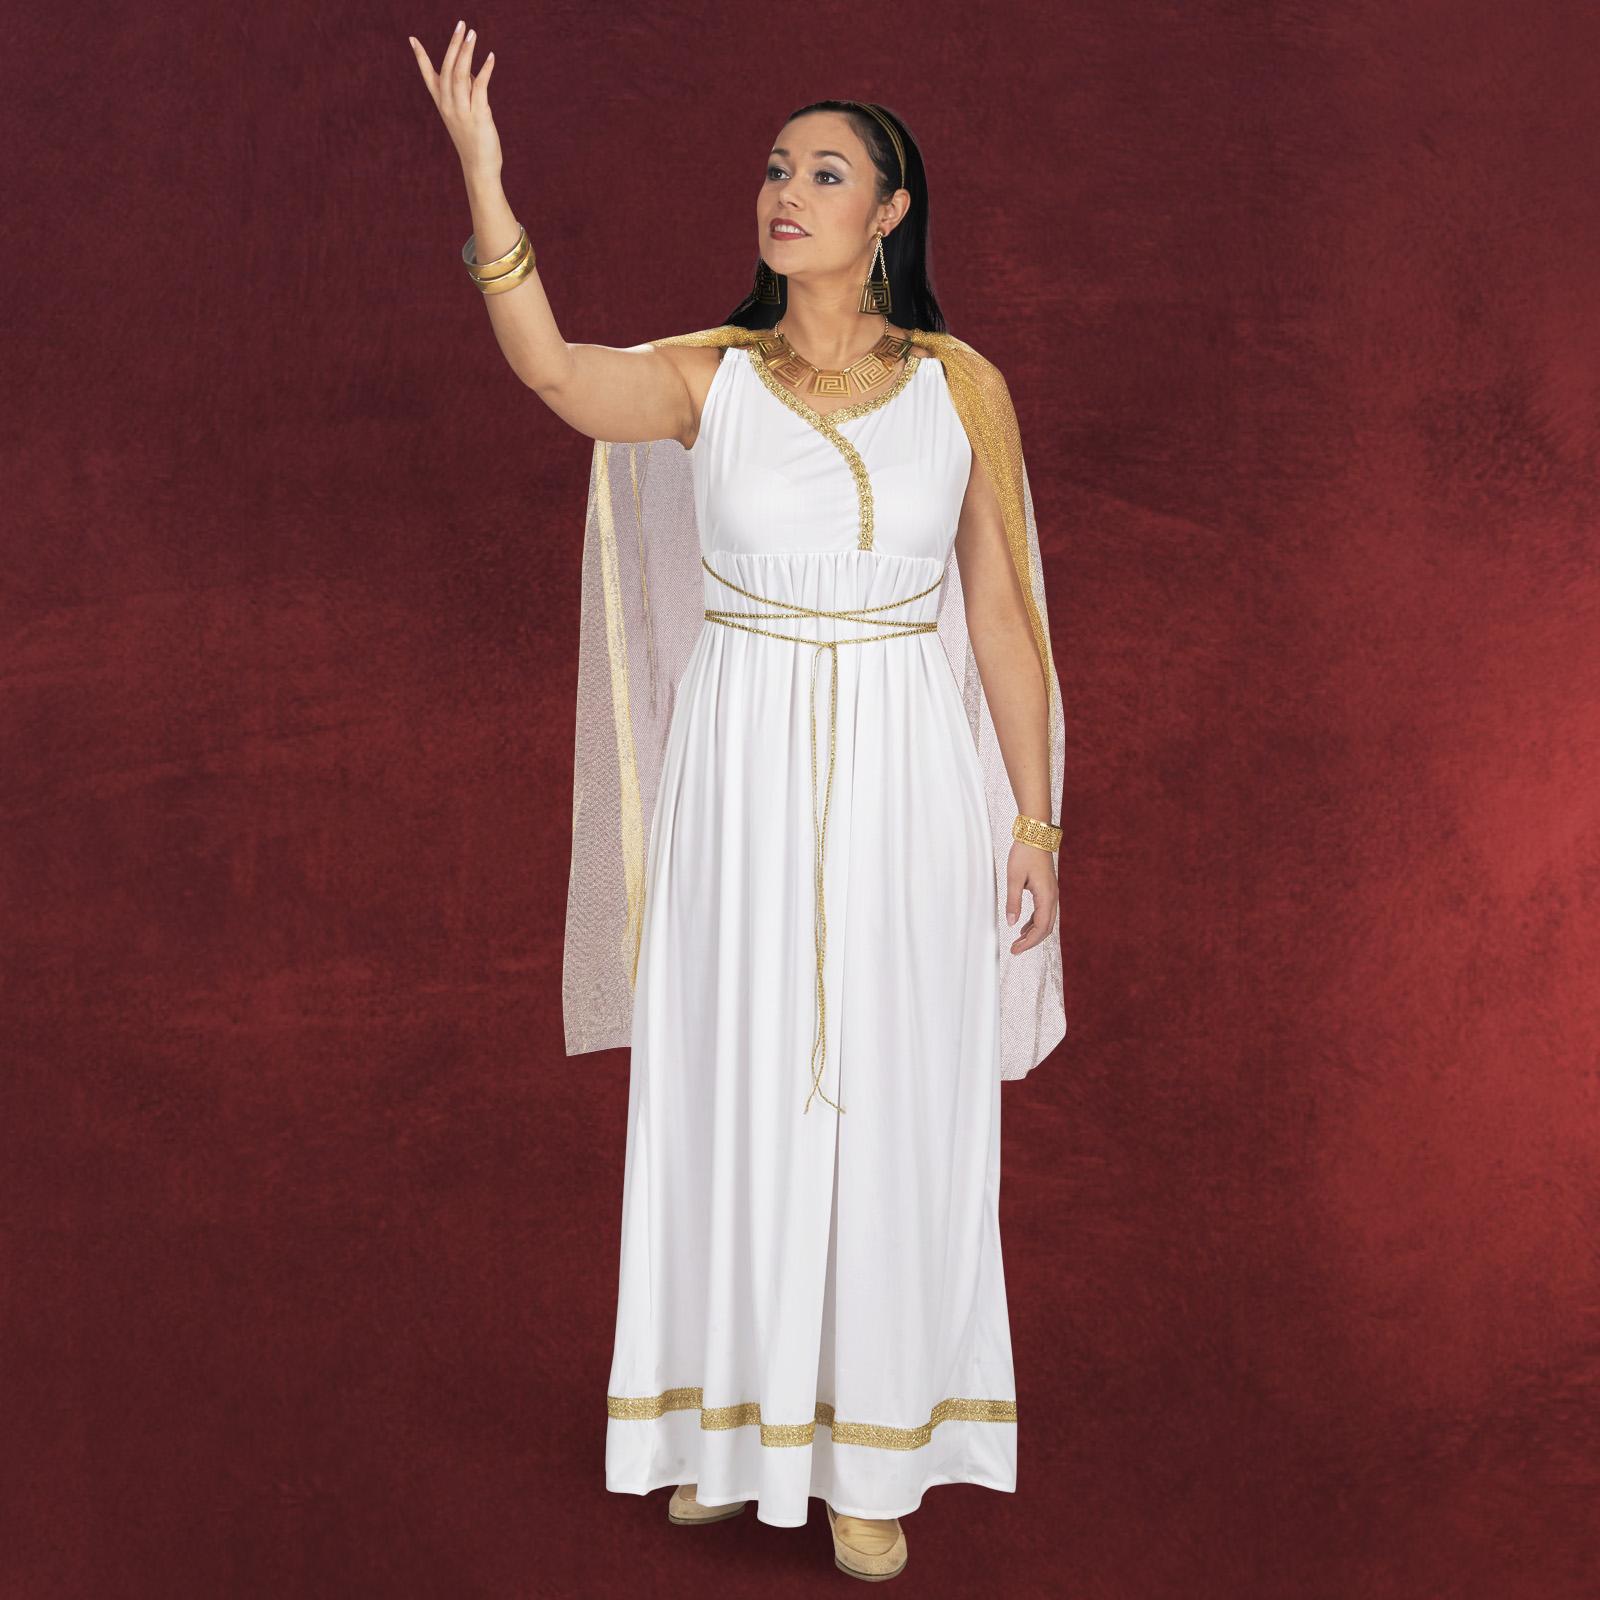 Römische Göttin Kostüm Damen | Elbenwald